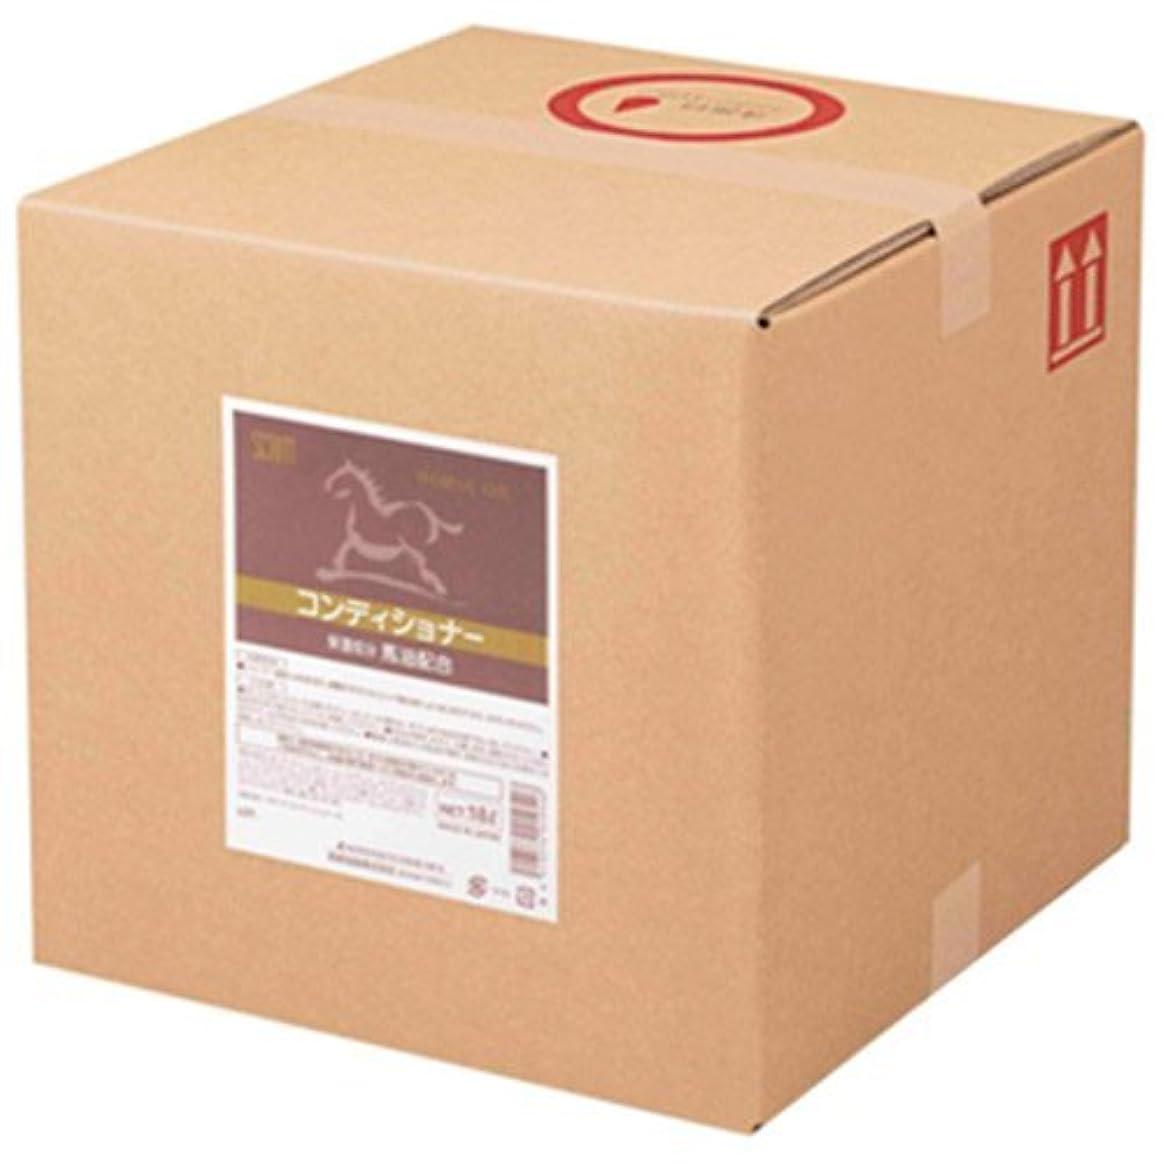 在庫み無能業務用 SCRITT(スクリット) 馬油コンディショナー 18L 熊野油脂 (コック付き)